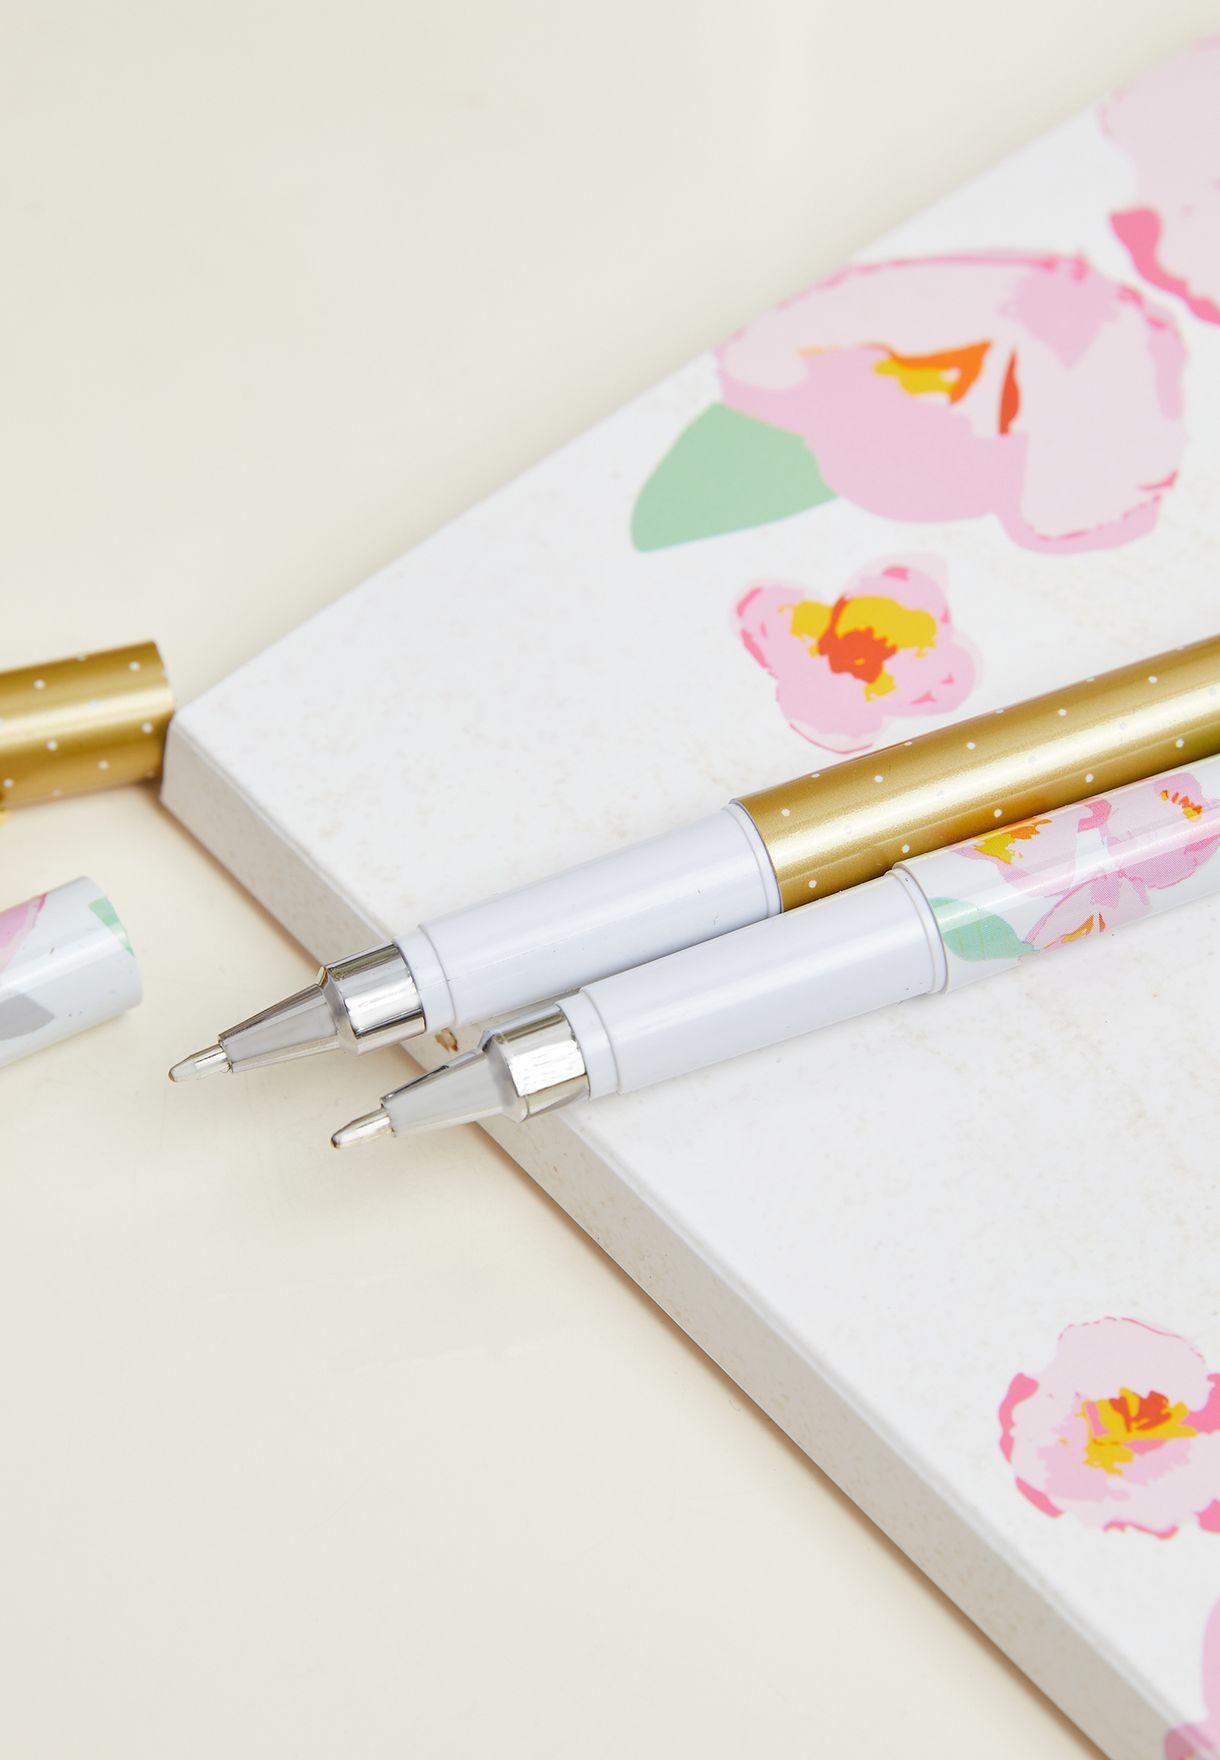 Notebook & Pen Stationery Set